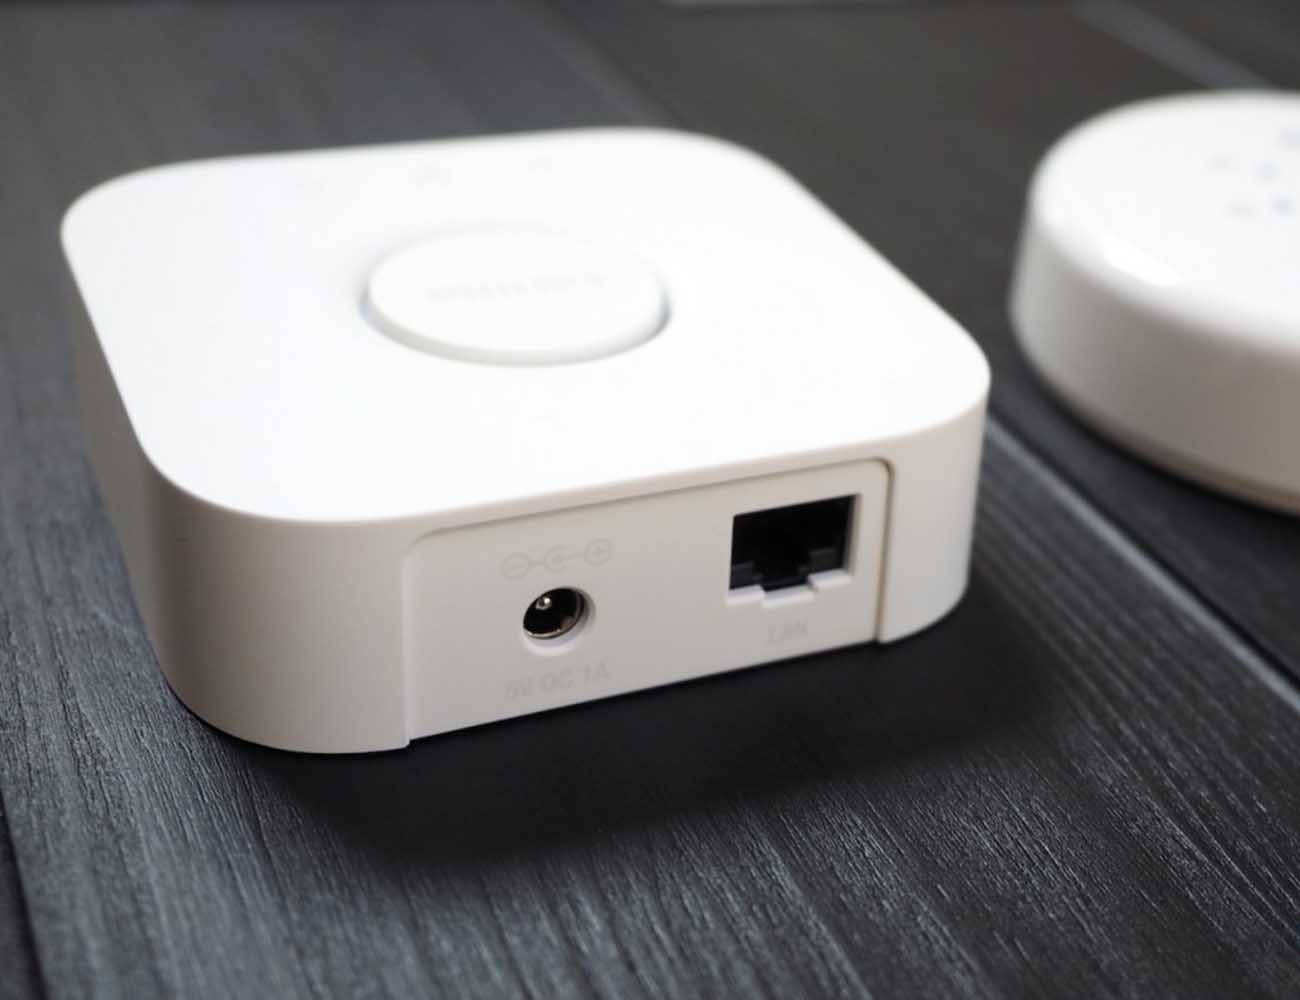 Philips Hue Bridge 2.0 With HomeKit Compatibility